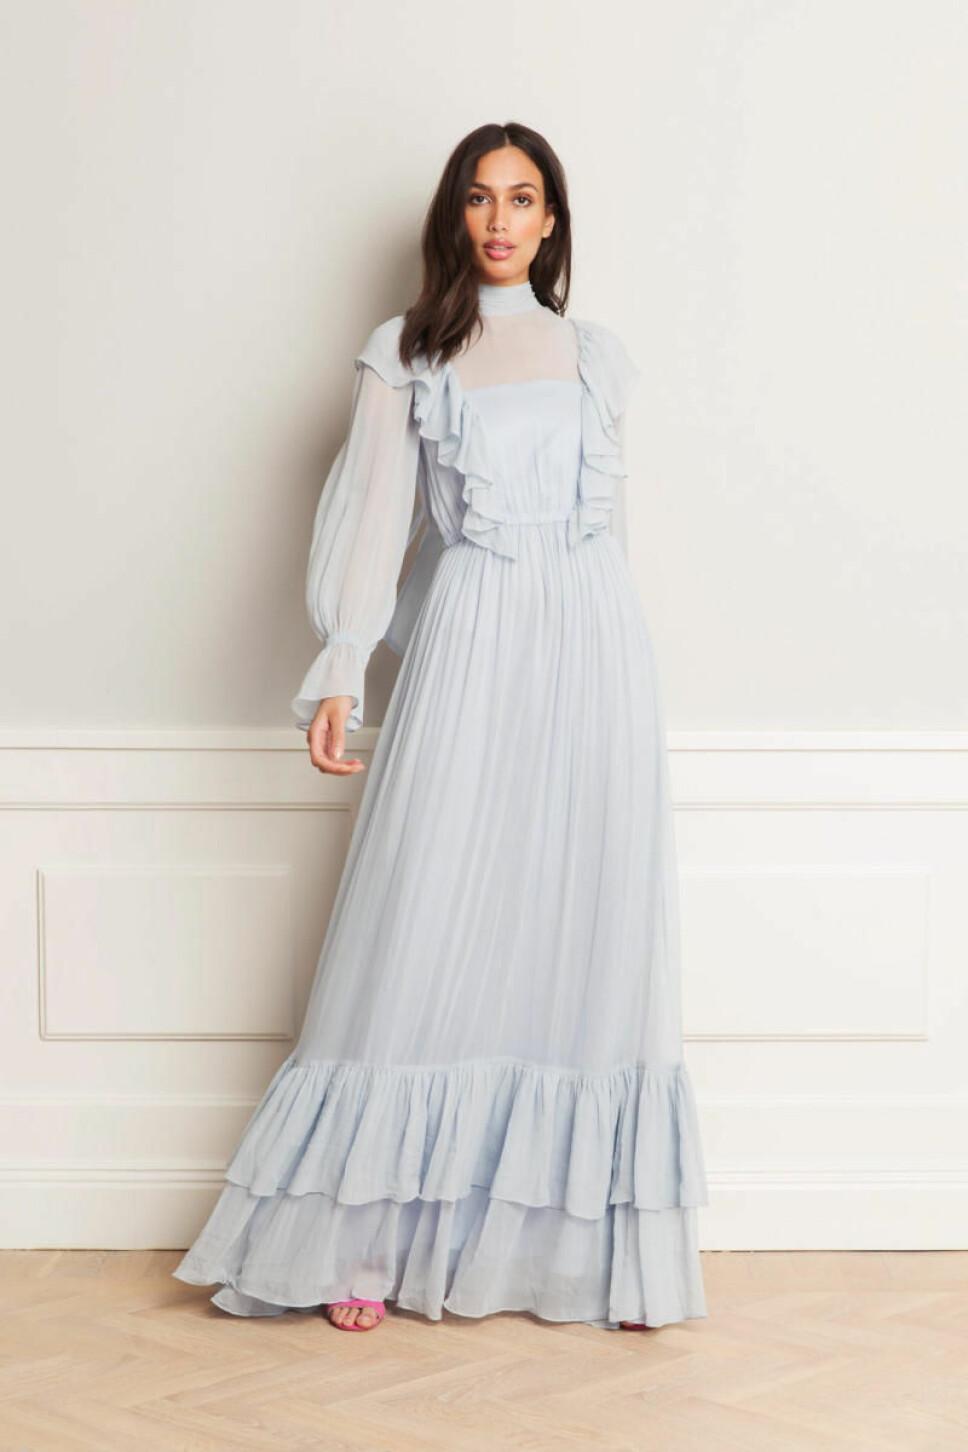 FÅ STILEN: Denne lekre kjolen fra svenske By Malina er på salg nå til 3500 kroner på Boozt.